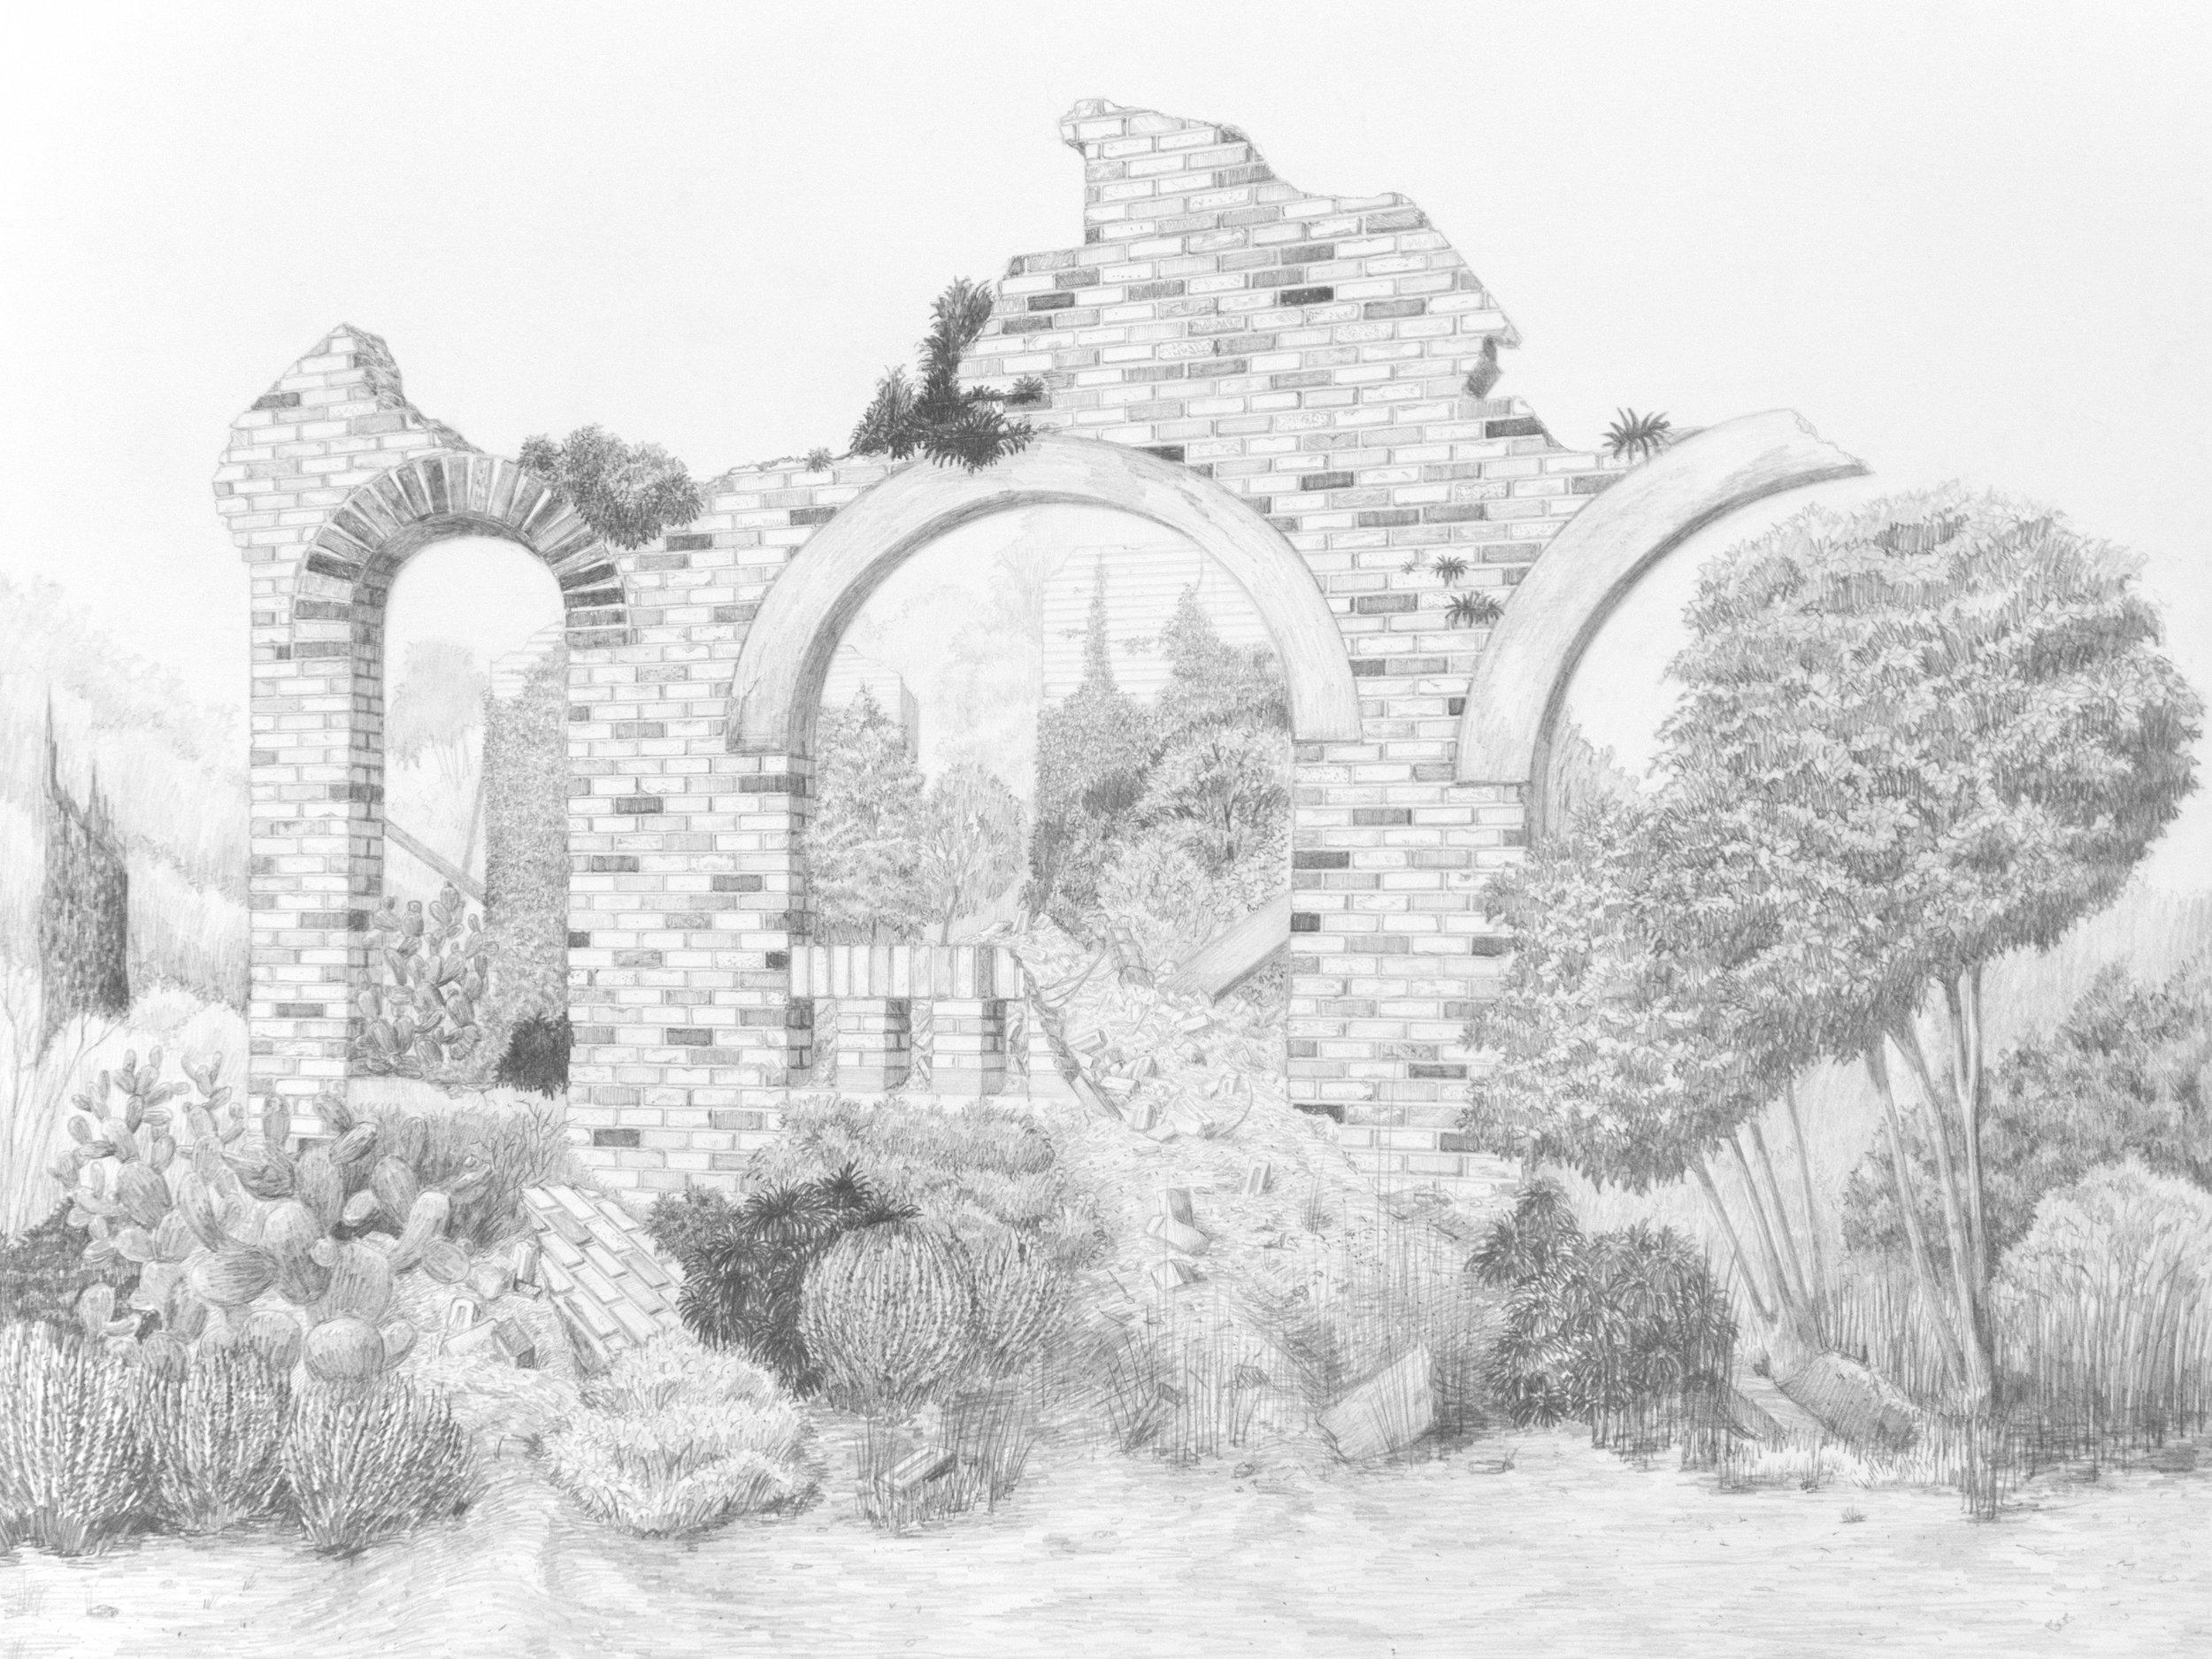 Bungalow Ruin, 2018, Graphite on paper, 18 x 24